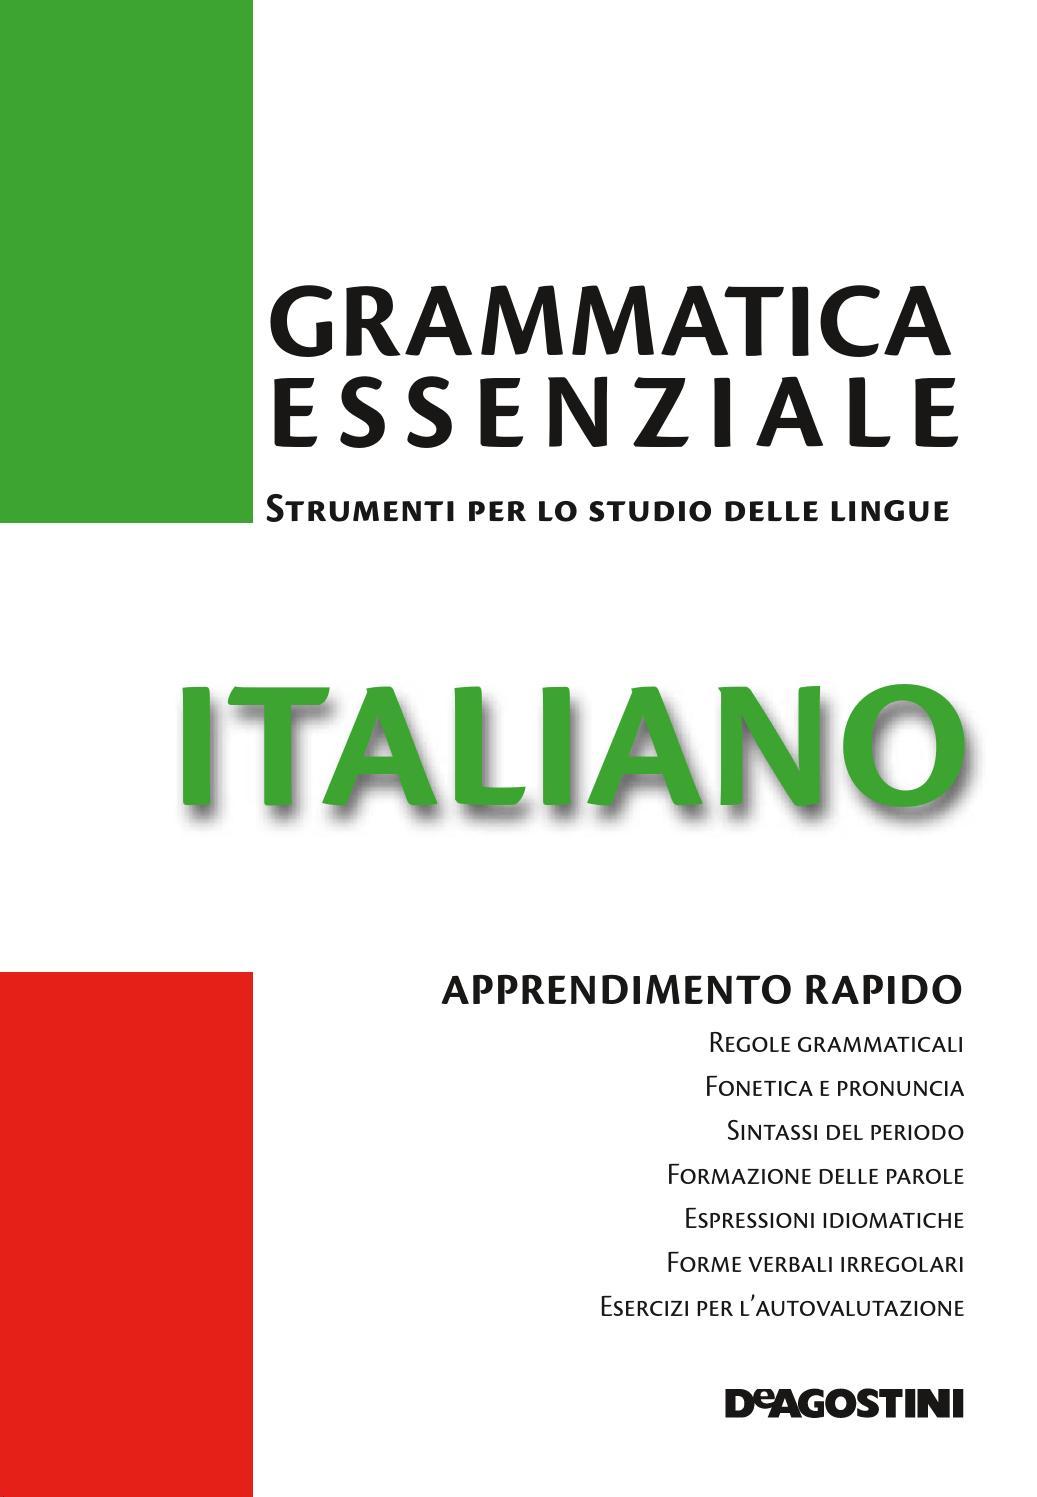 Grammatica essenziale italiano by arlete issuu for Composizione del parlamento italiano oggi